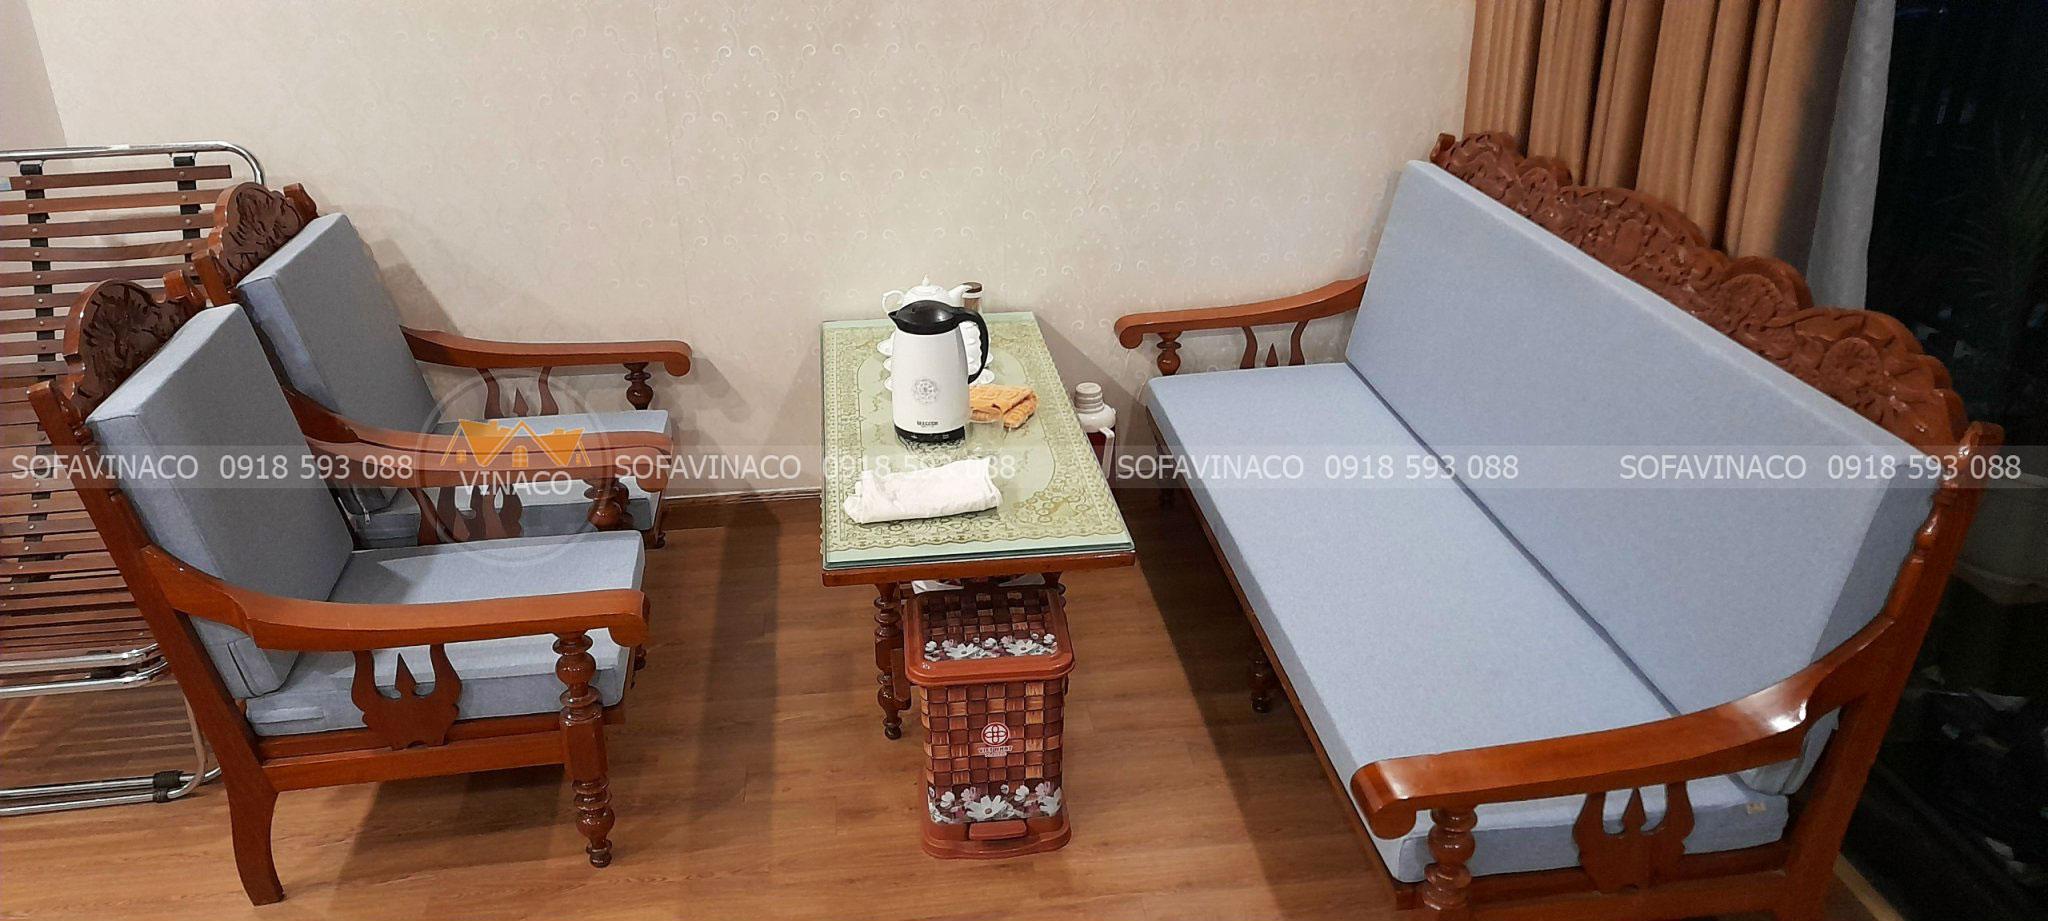 Làm đệm ghế salon gỗ xưa uy tín tại Âu Cơ, Hà Nội